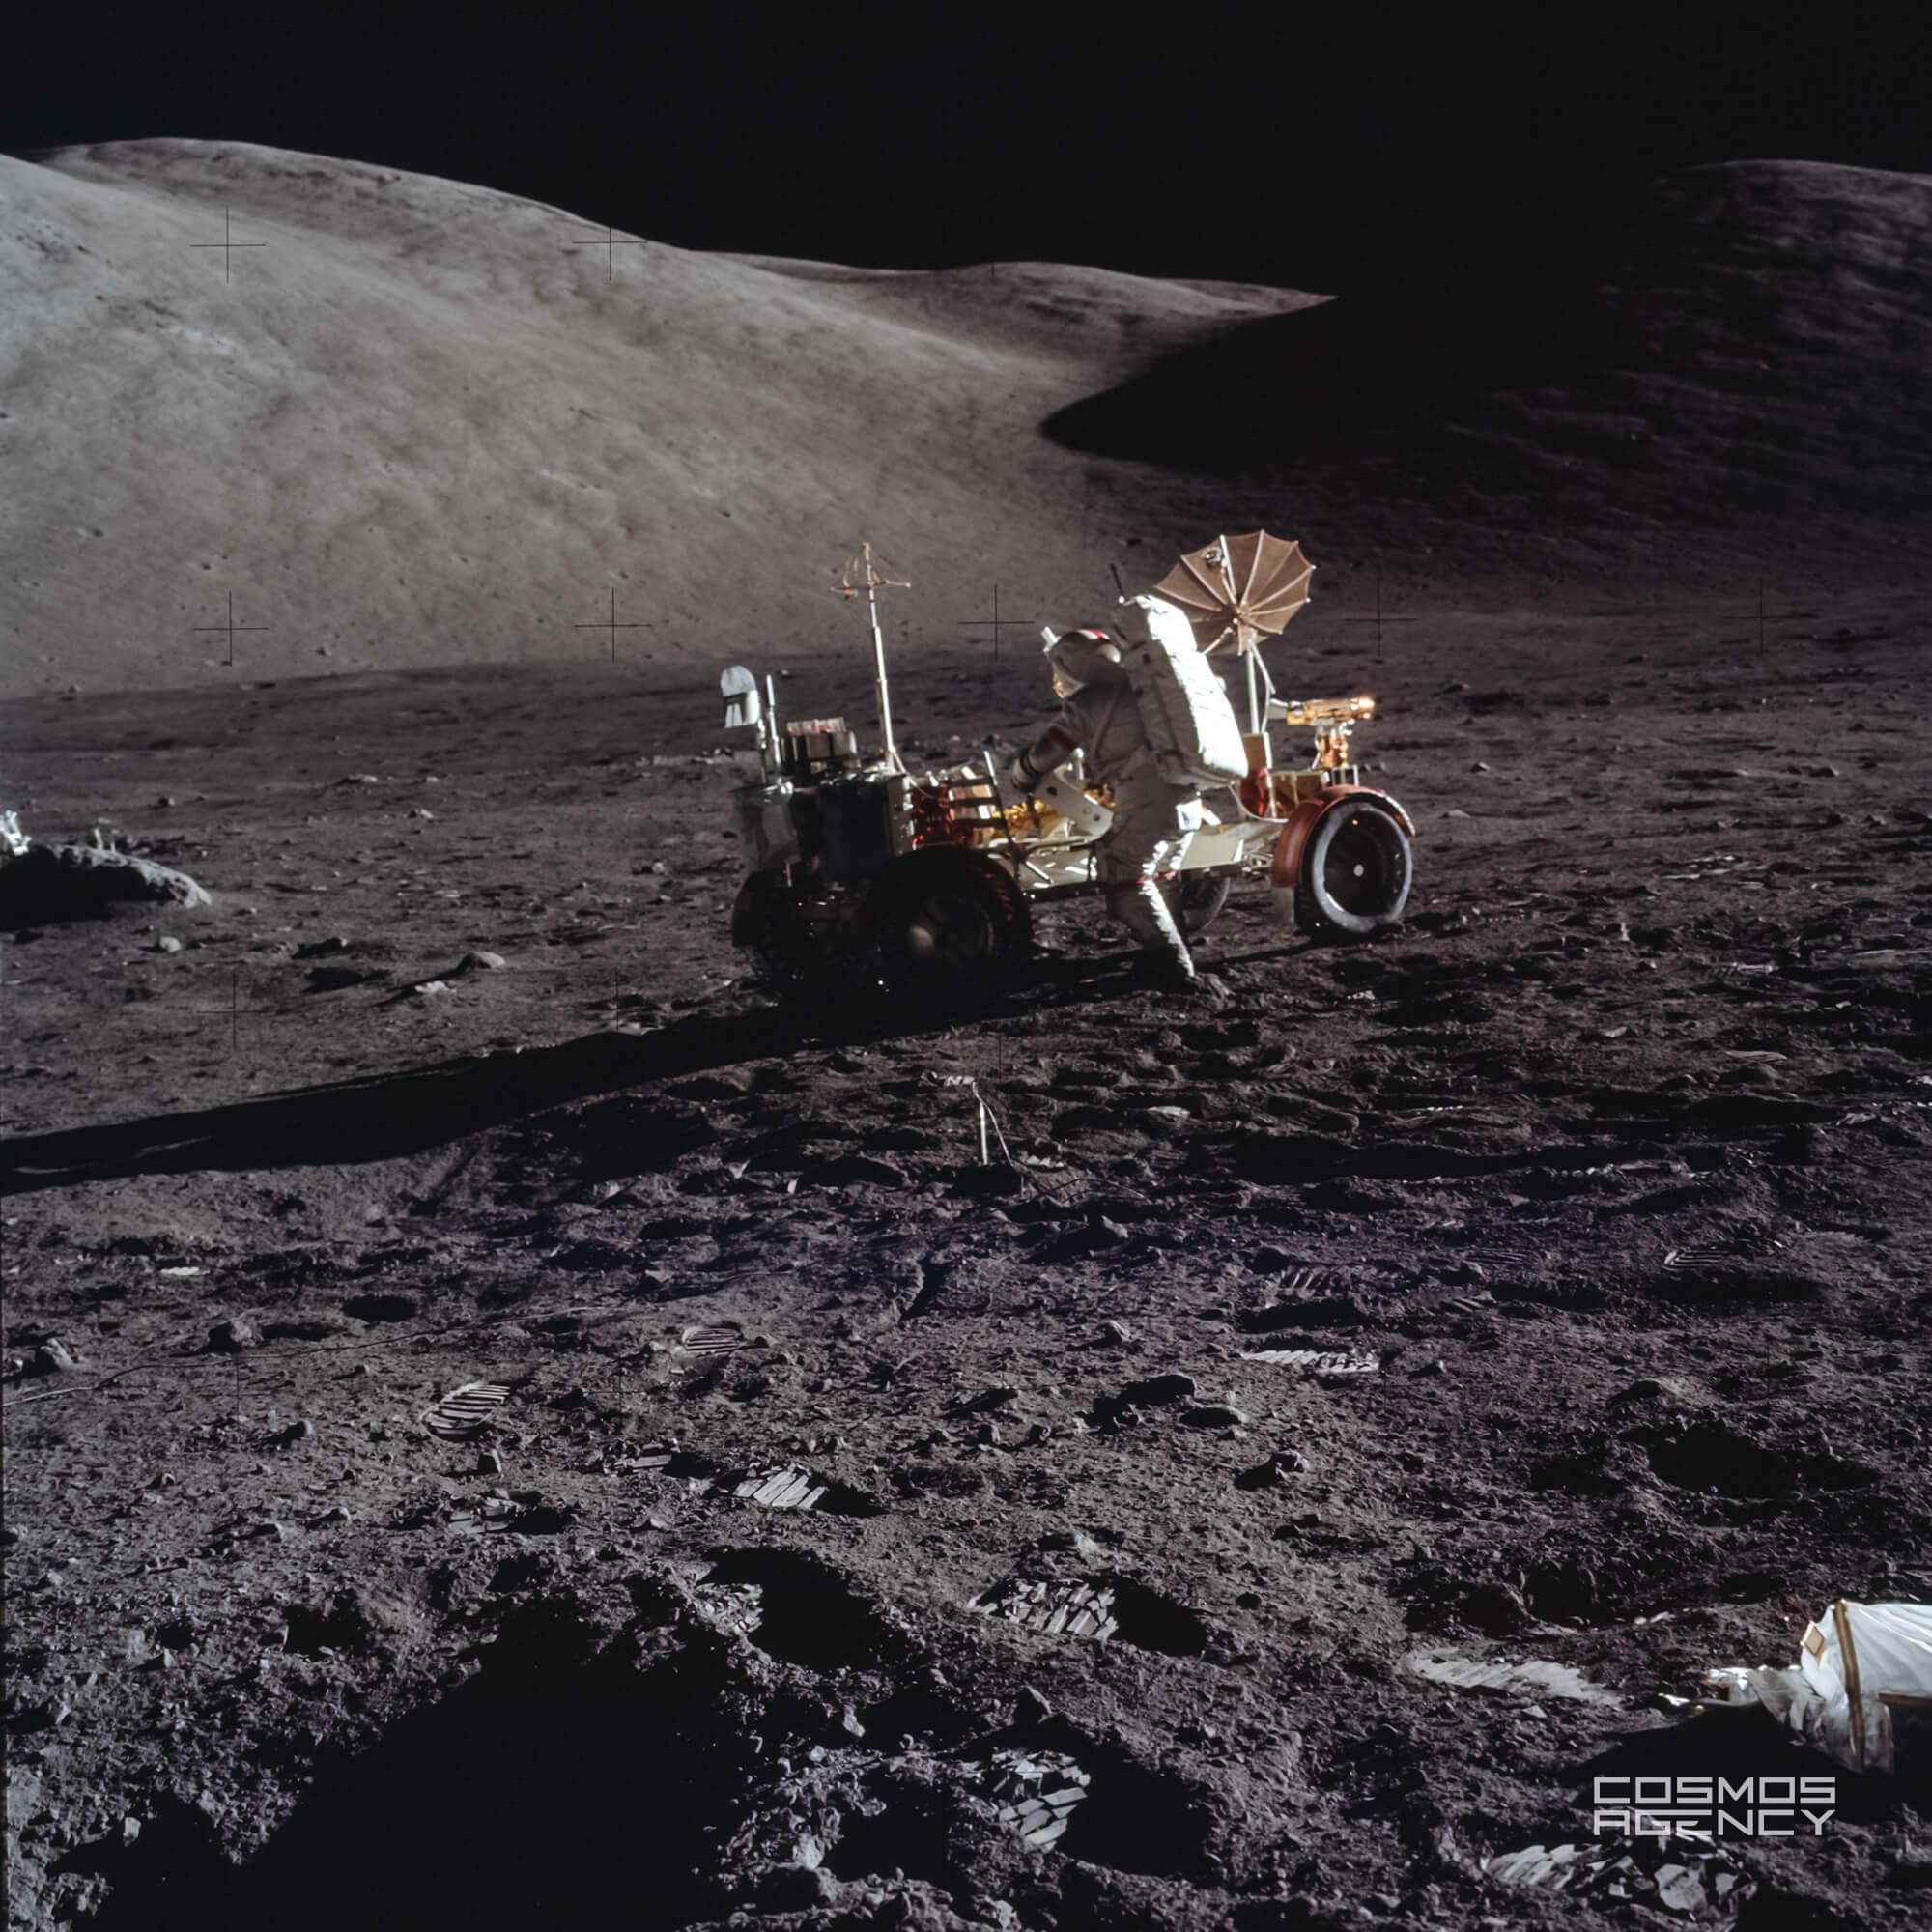 Астронавт NASA Юджин Сернан что-то ищет в ровере, Аполлон 17, 1972